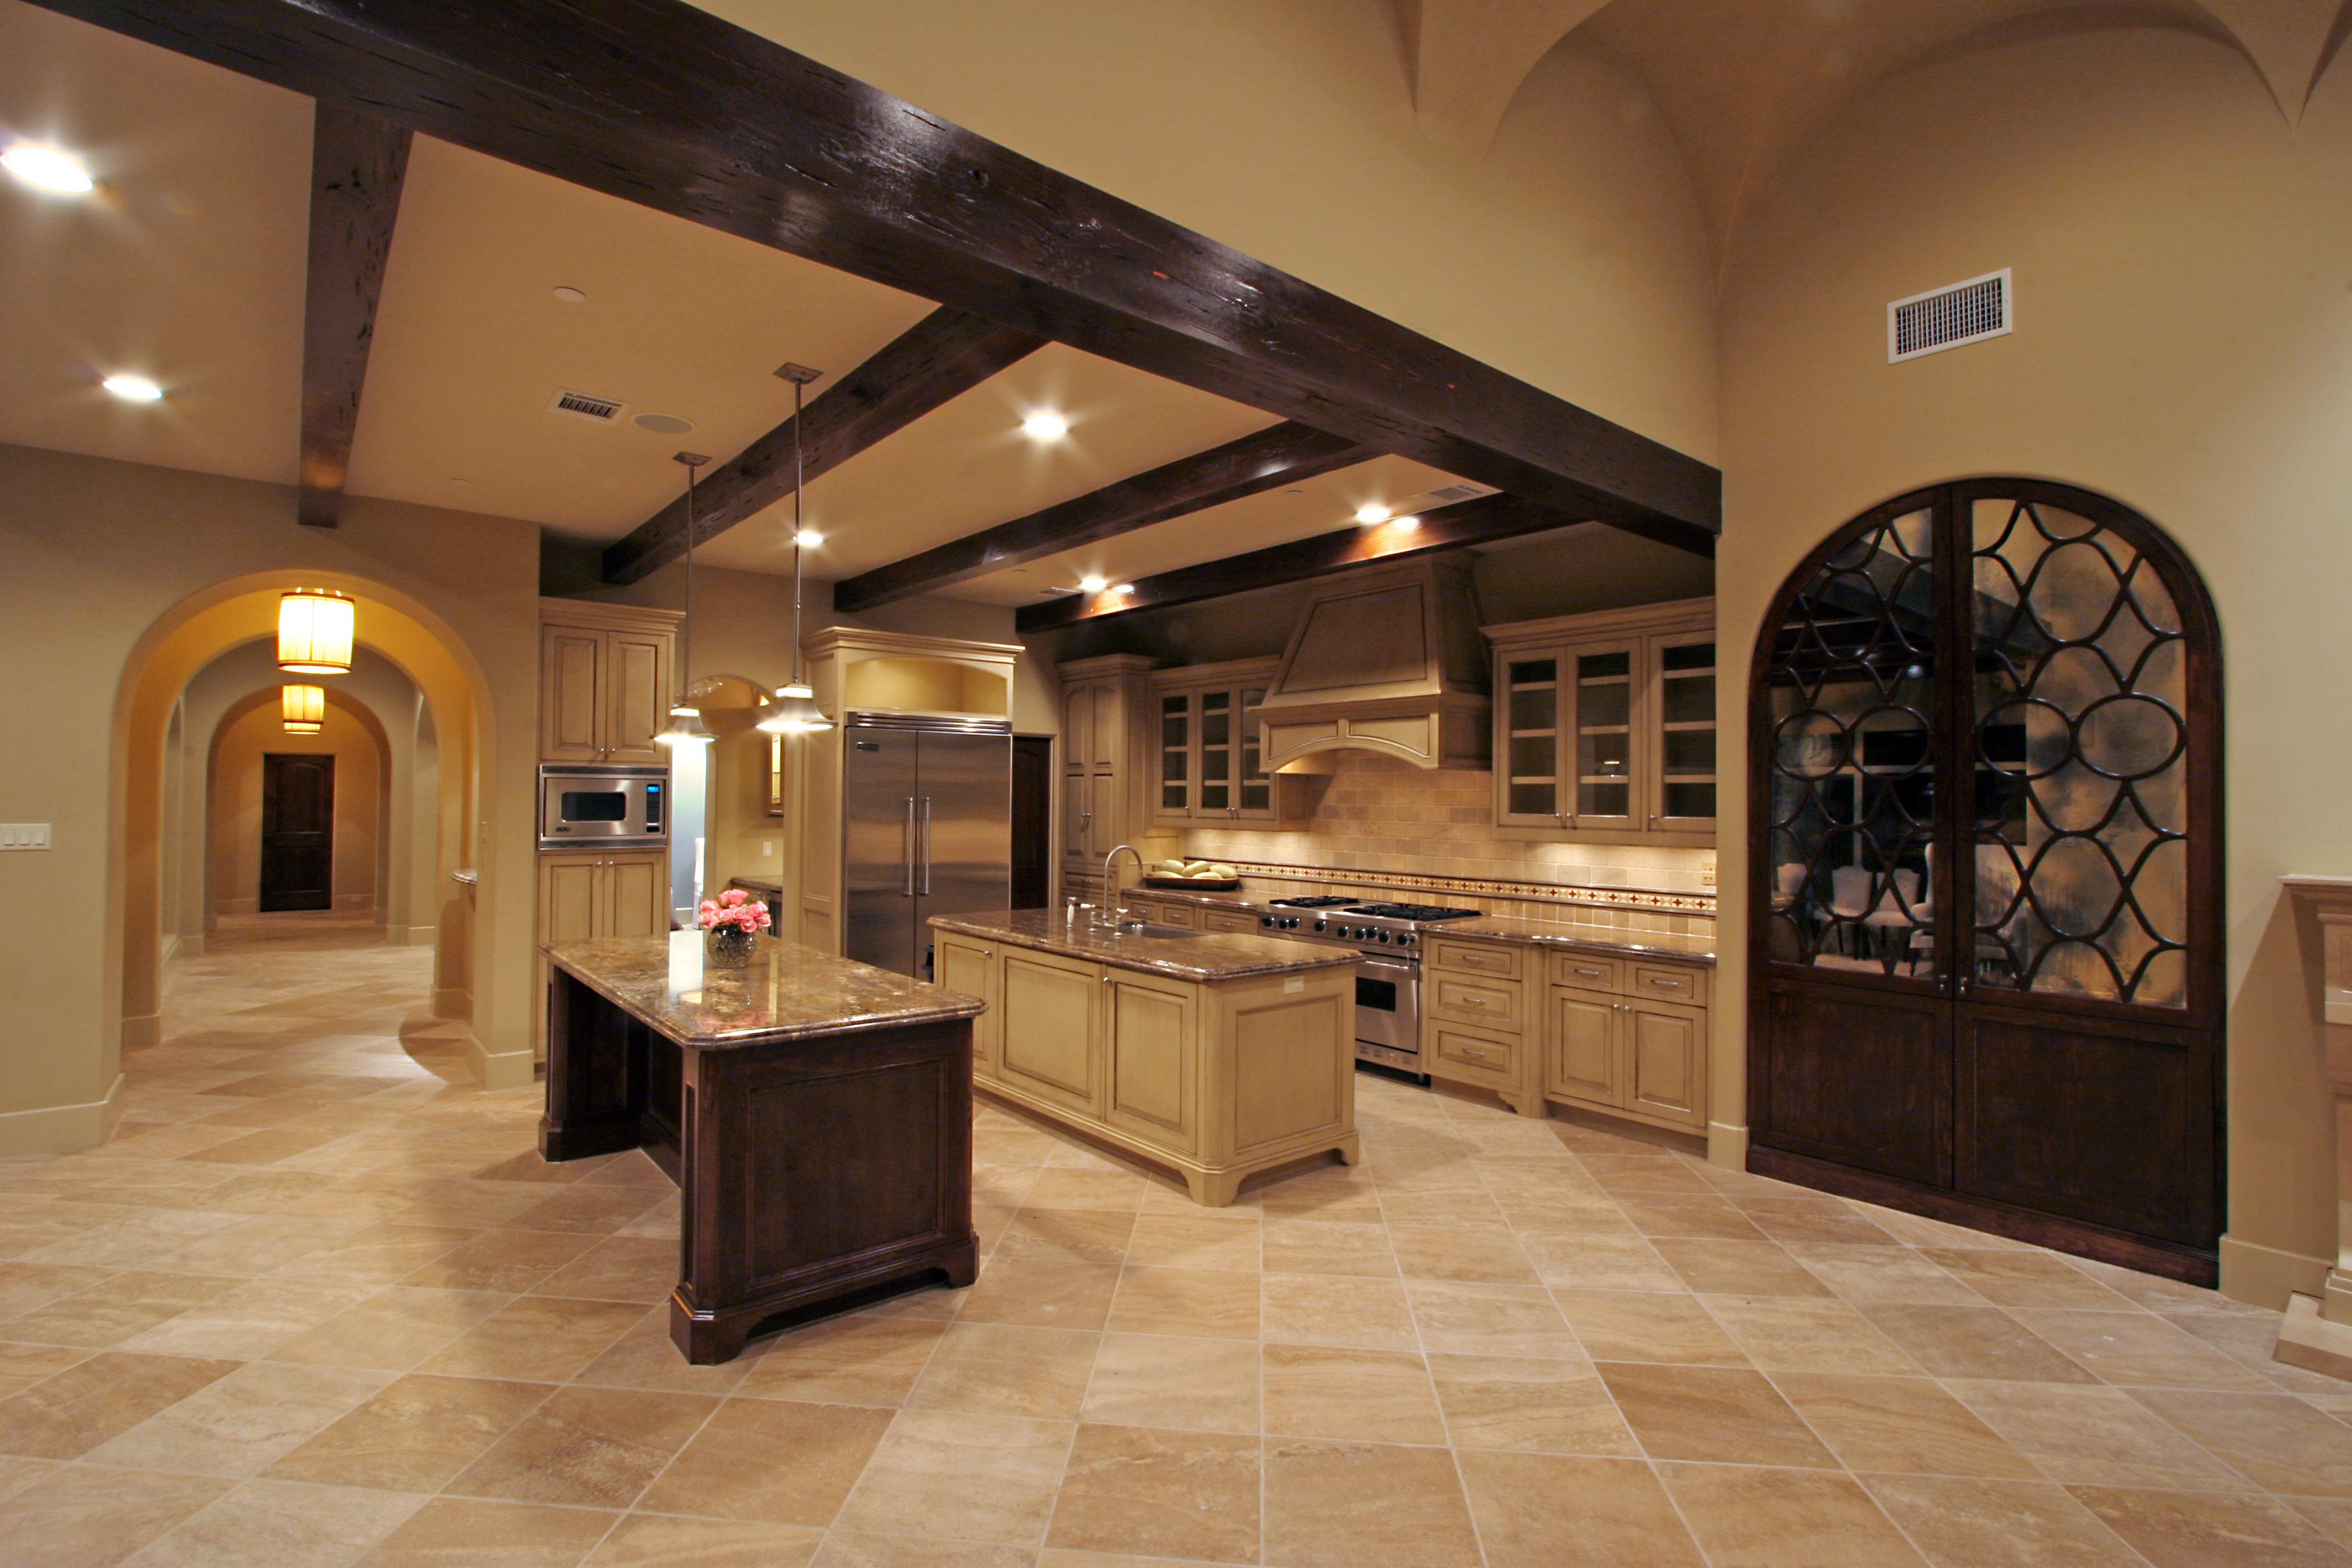 Avanti custom homes houston ask home design for Custom home plans houston